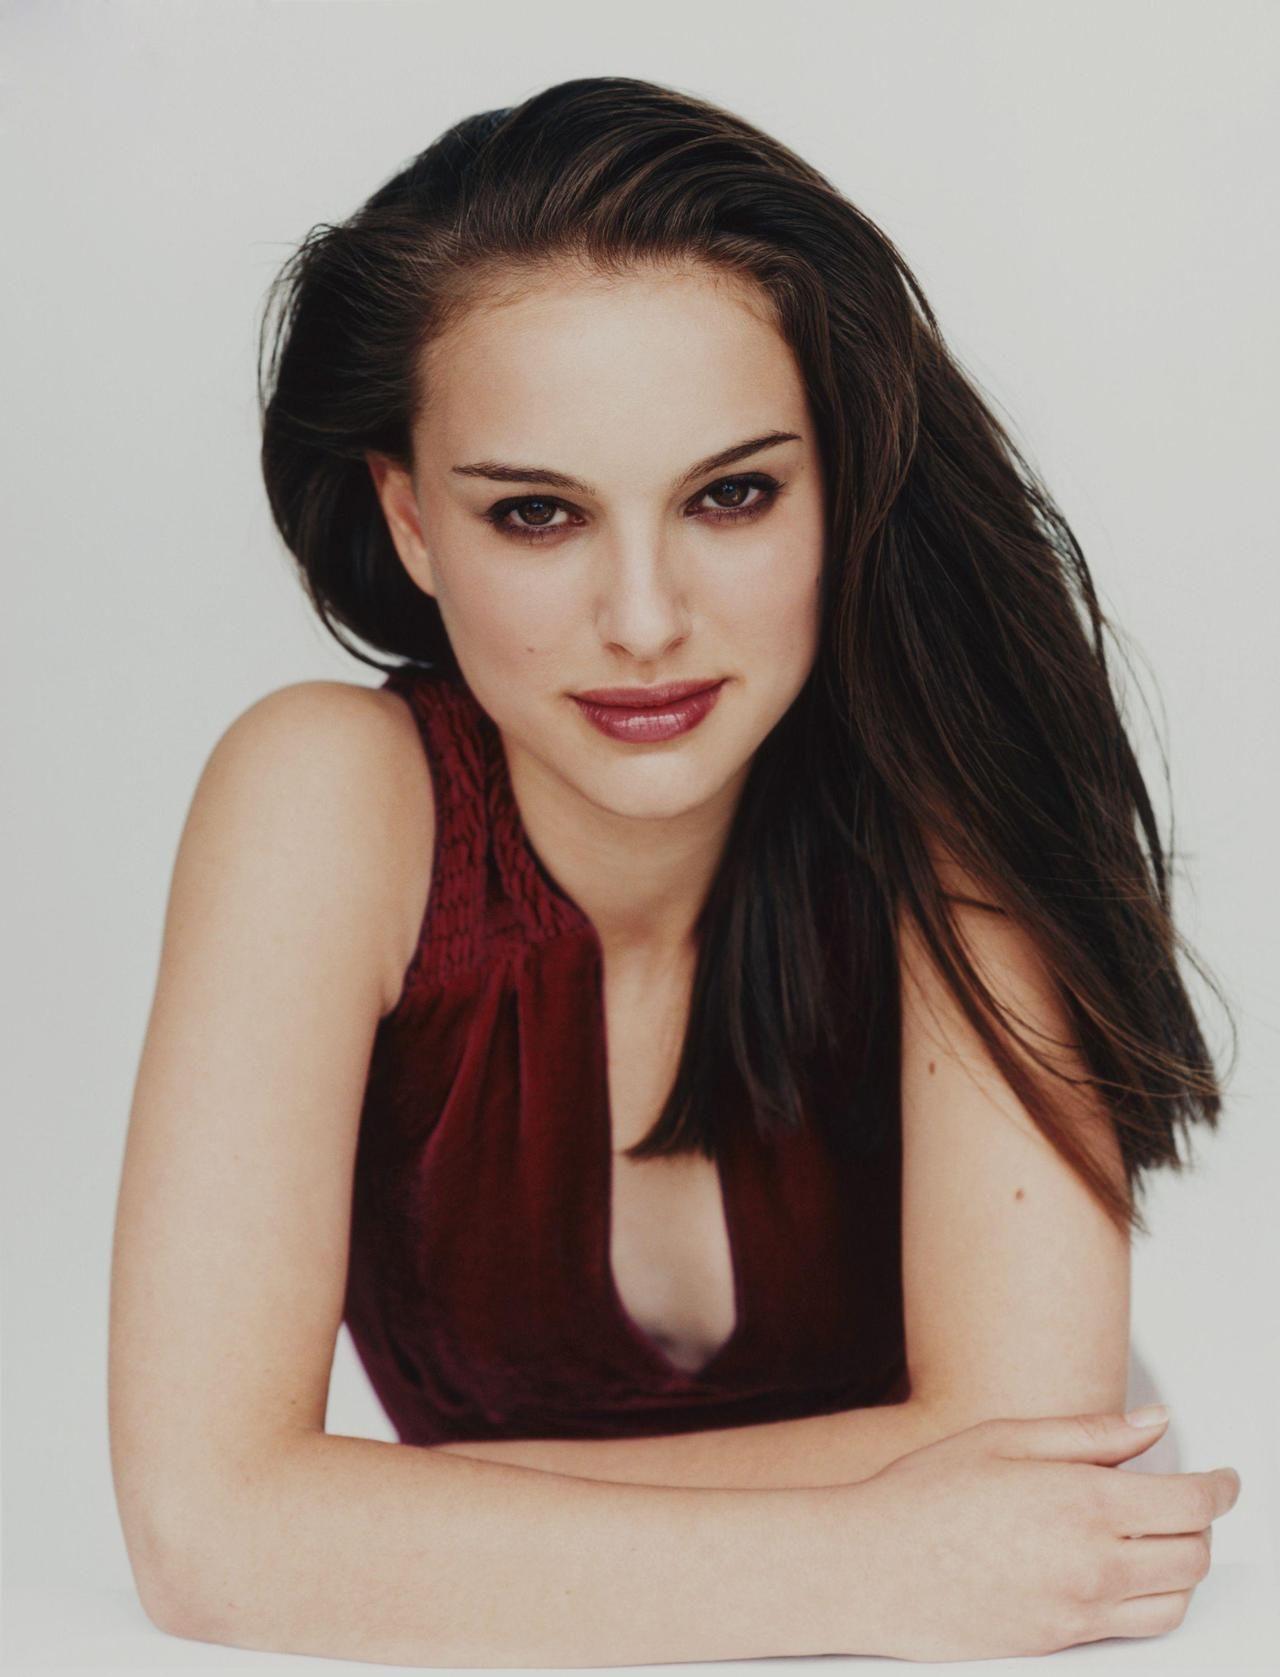 Natalie Portman 1999